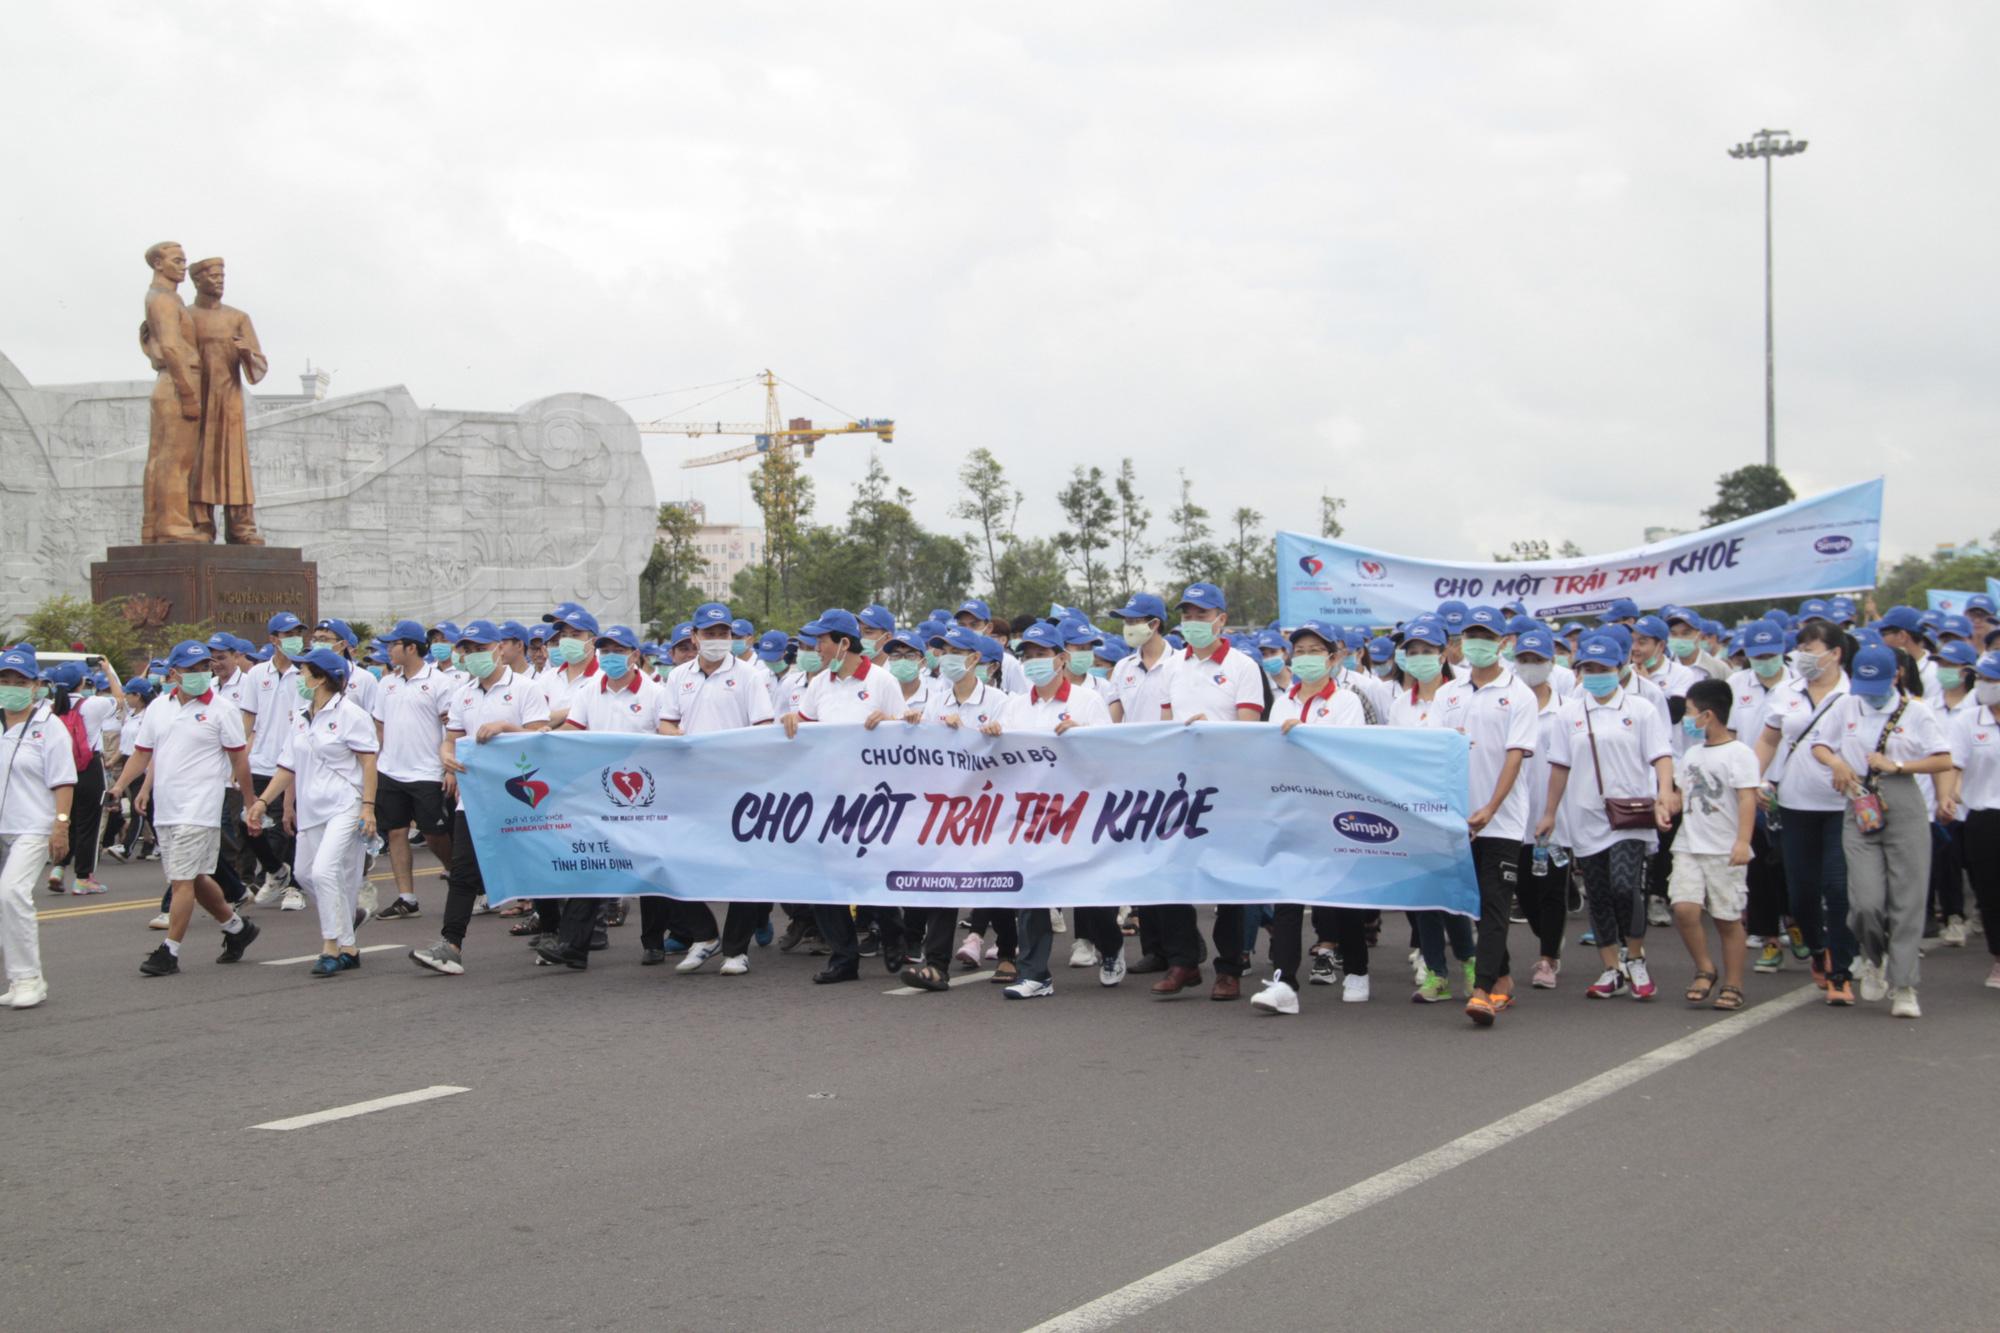 """Hàng ngàn người đi bộ ở Quy Nhơn kêu gọi vì """"một trái tim khỏe"""" - Ảnh 3."""